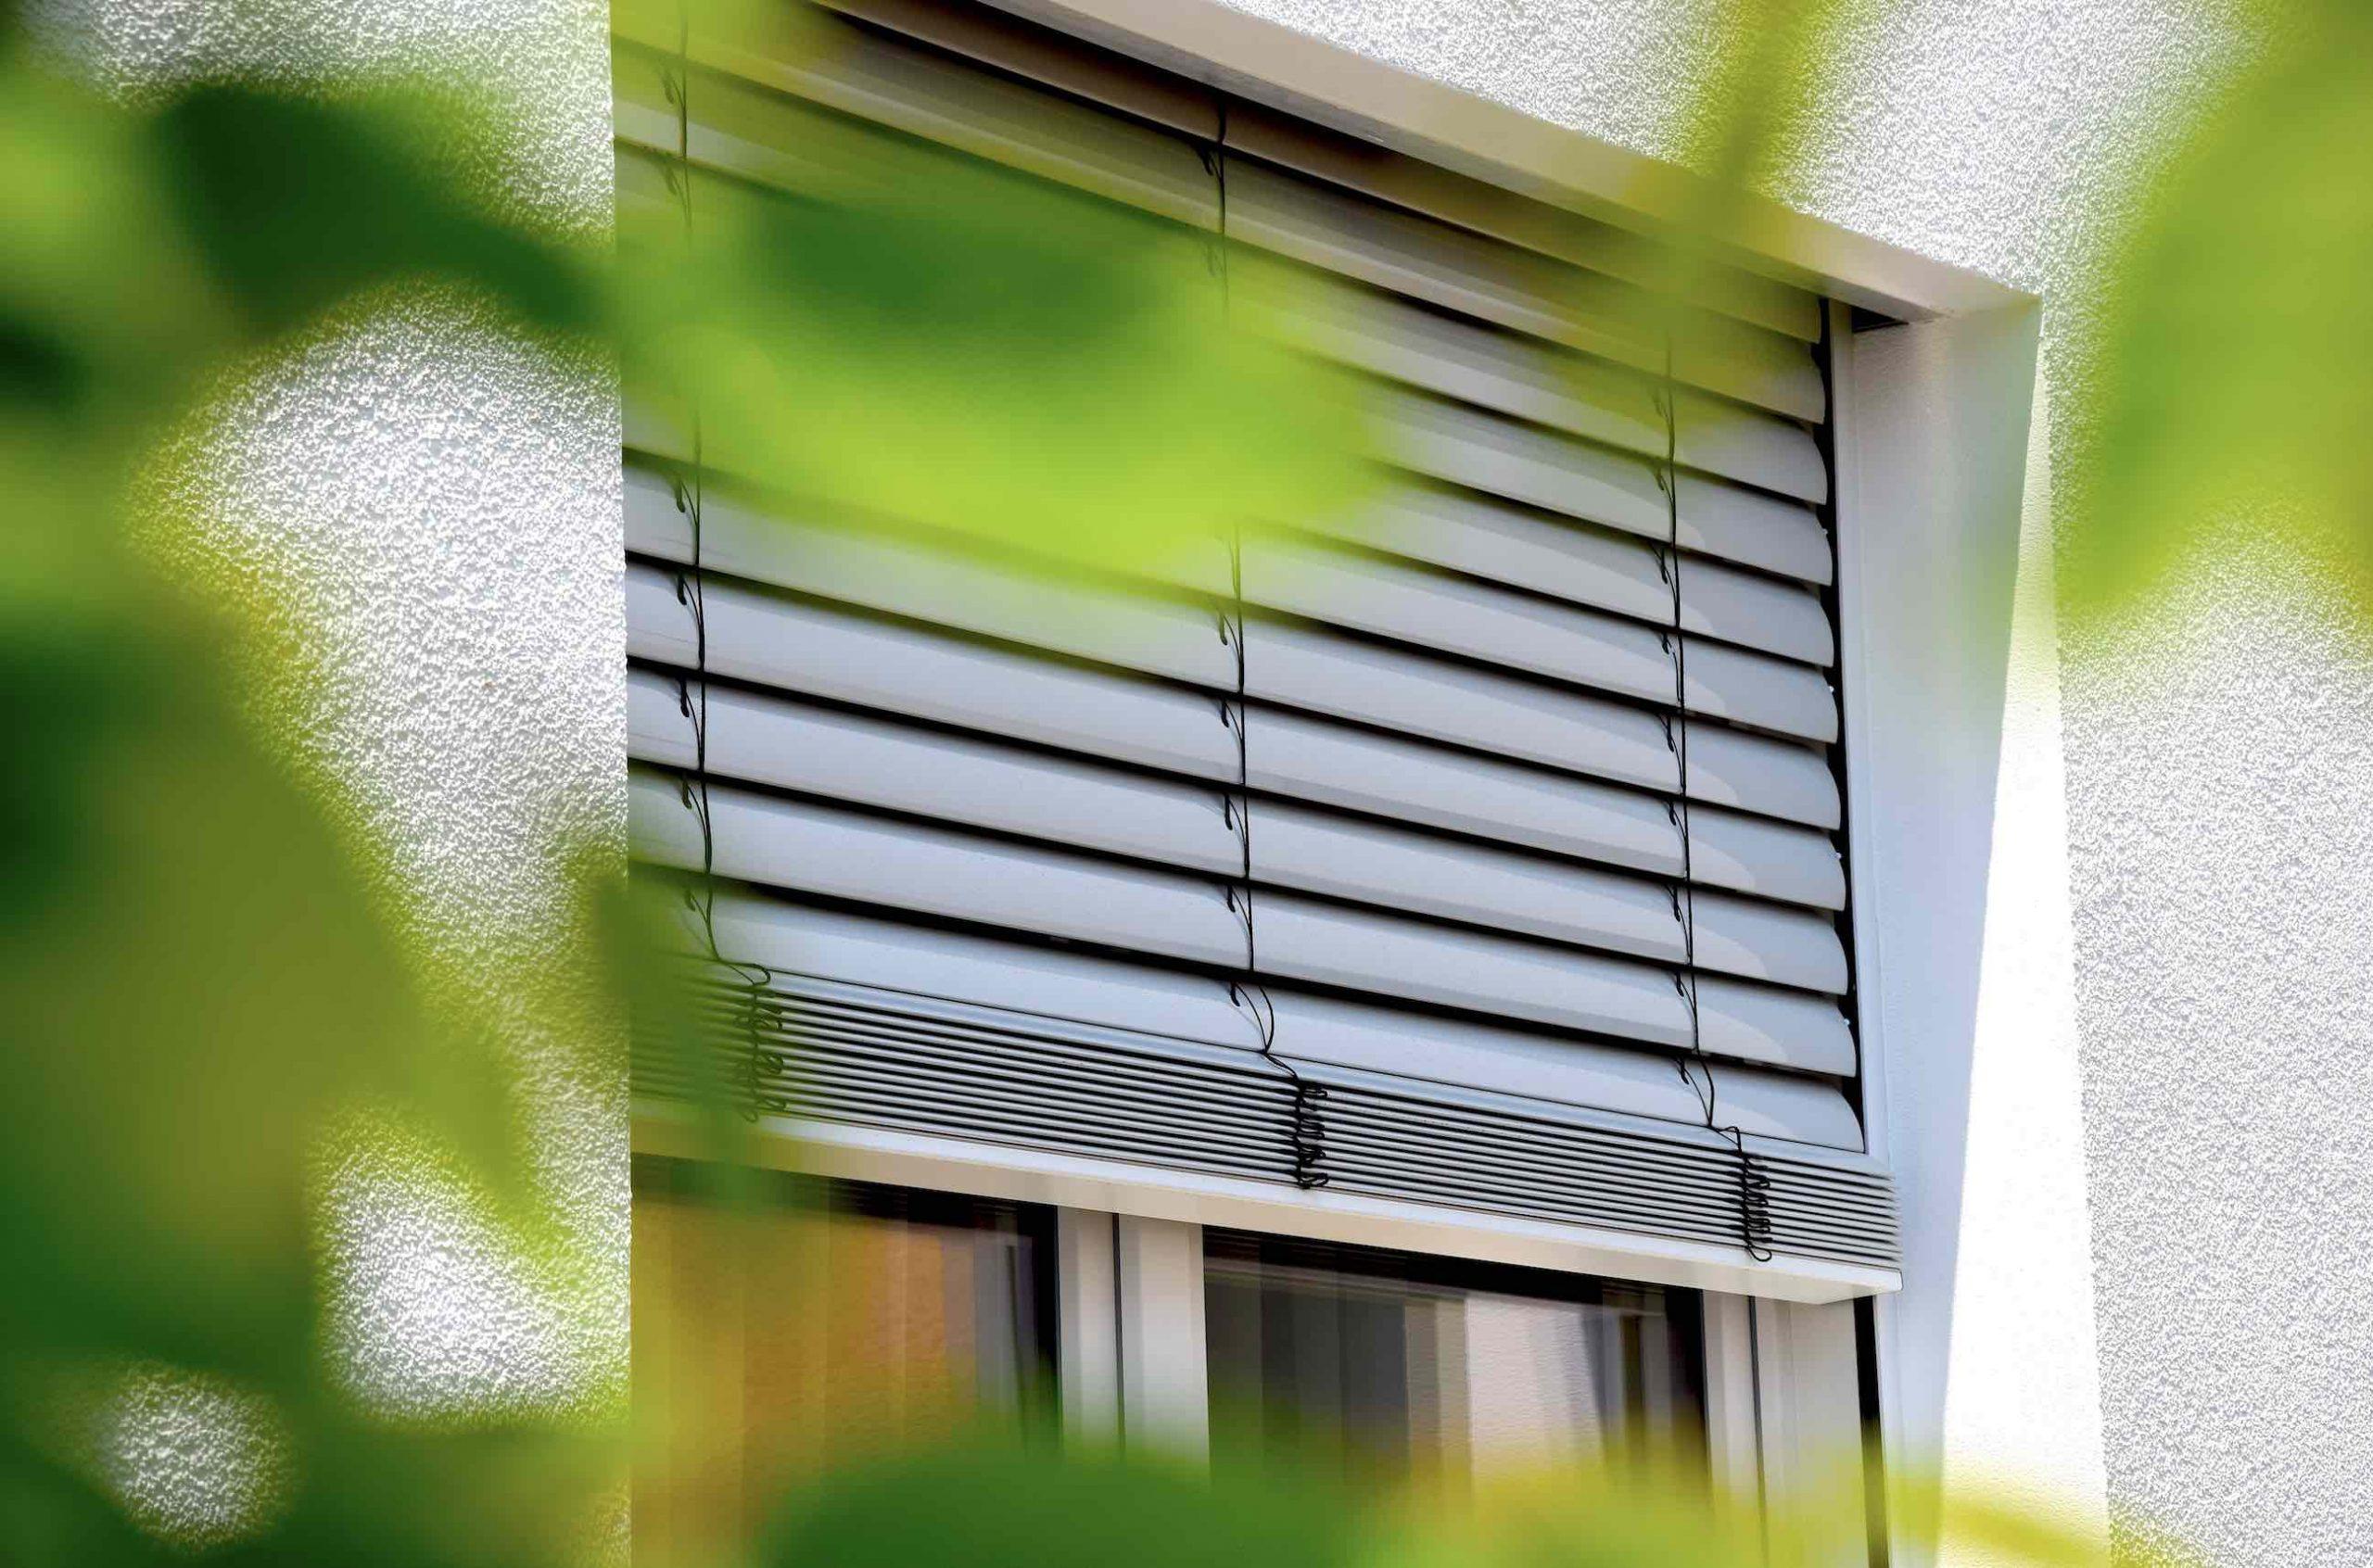 Rolladen Raffstore am Fenster als Sonnenschutz